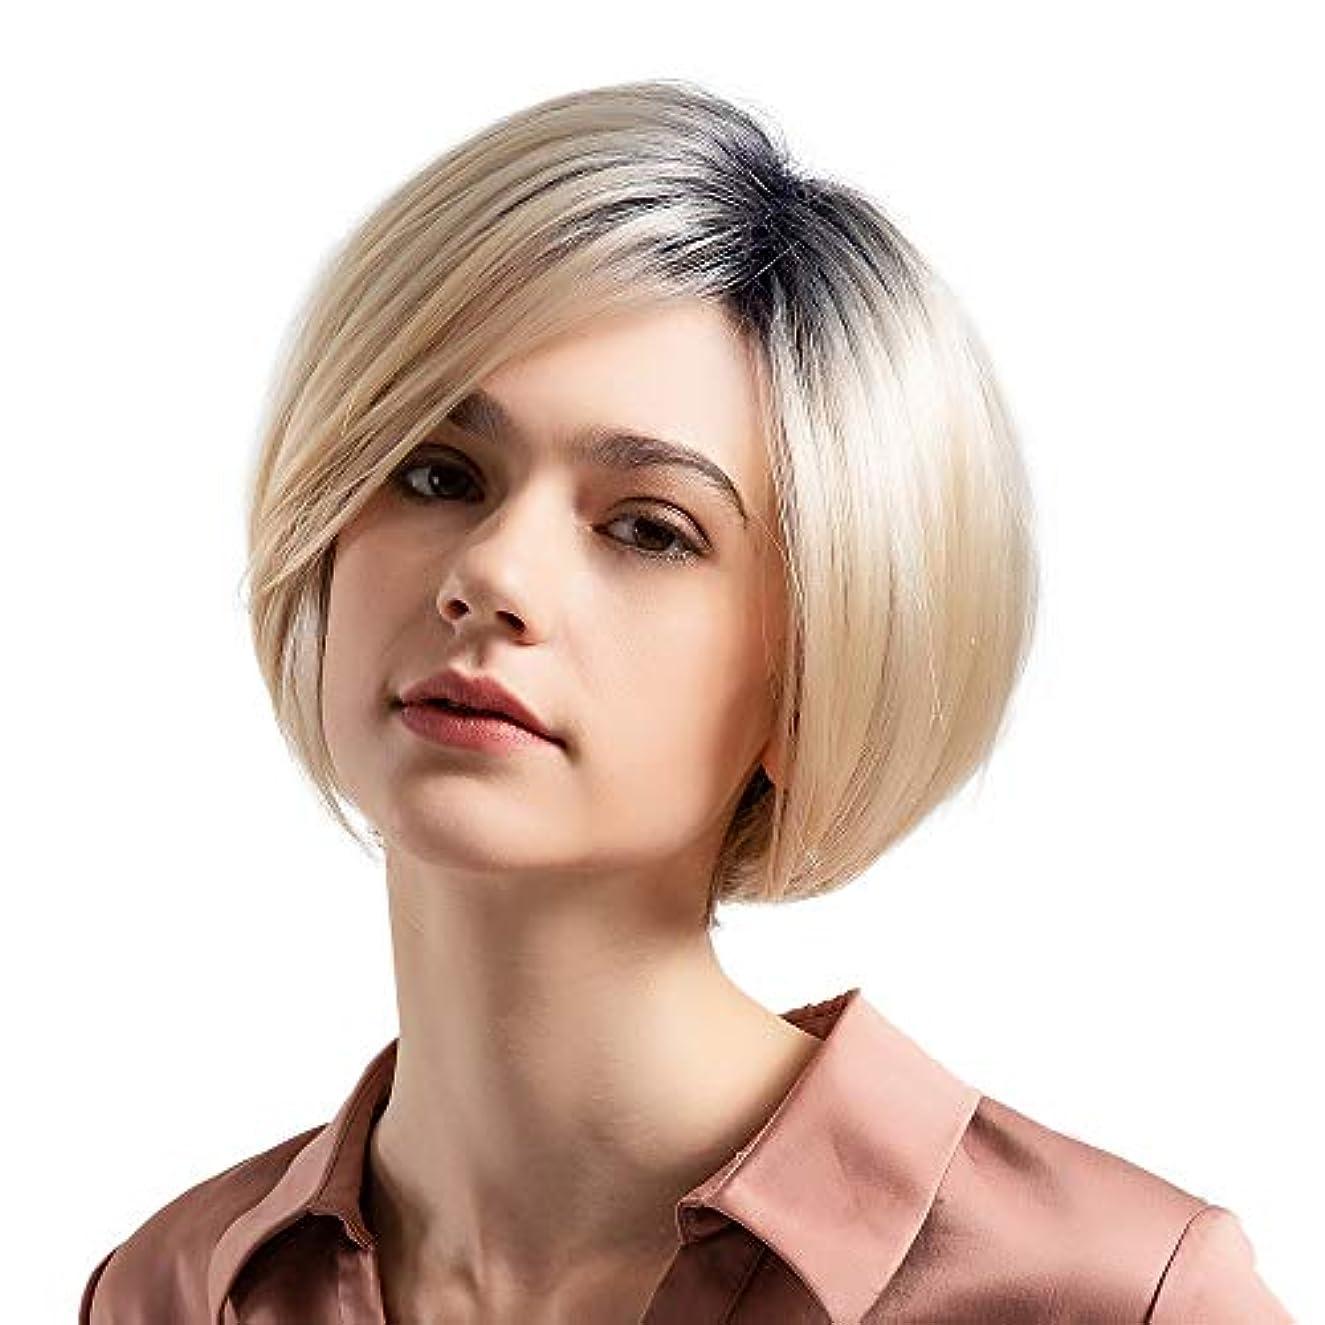 パターン柔らかい管理しますウィッグショートボブストレートヘア50%リアルヘアウィッグ女性のファッショングラデーションウィッグ